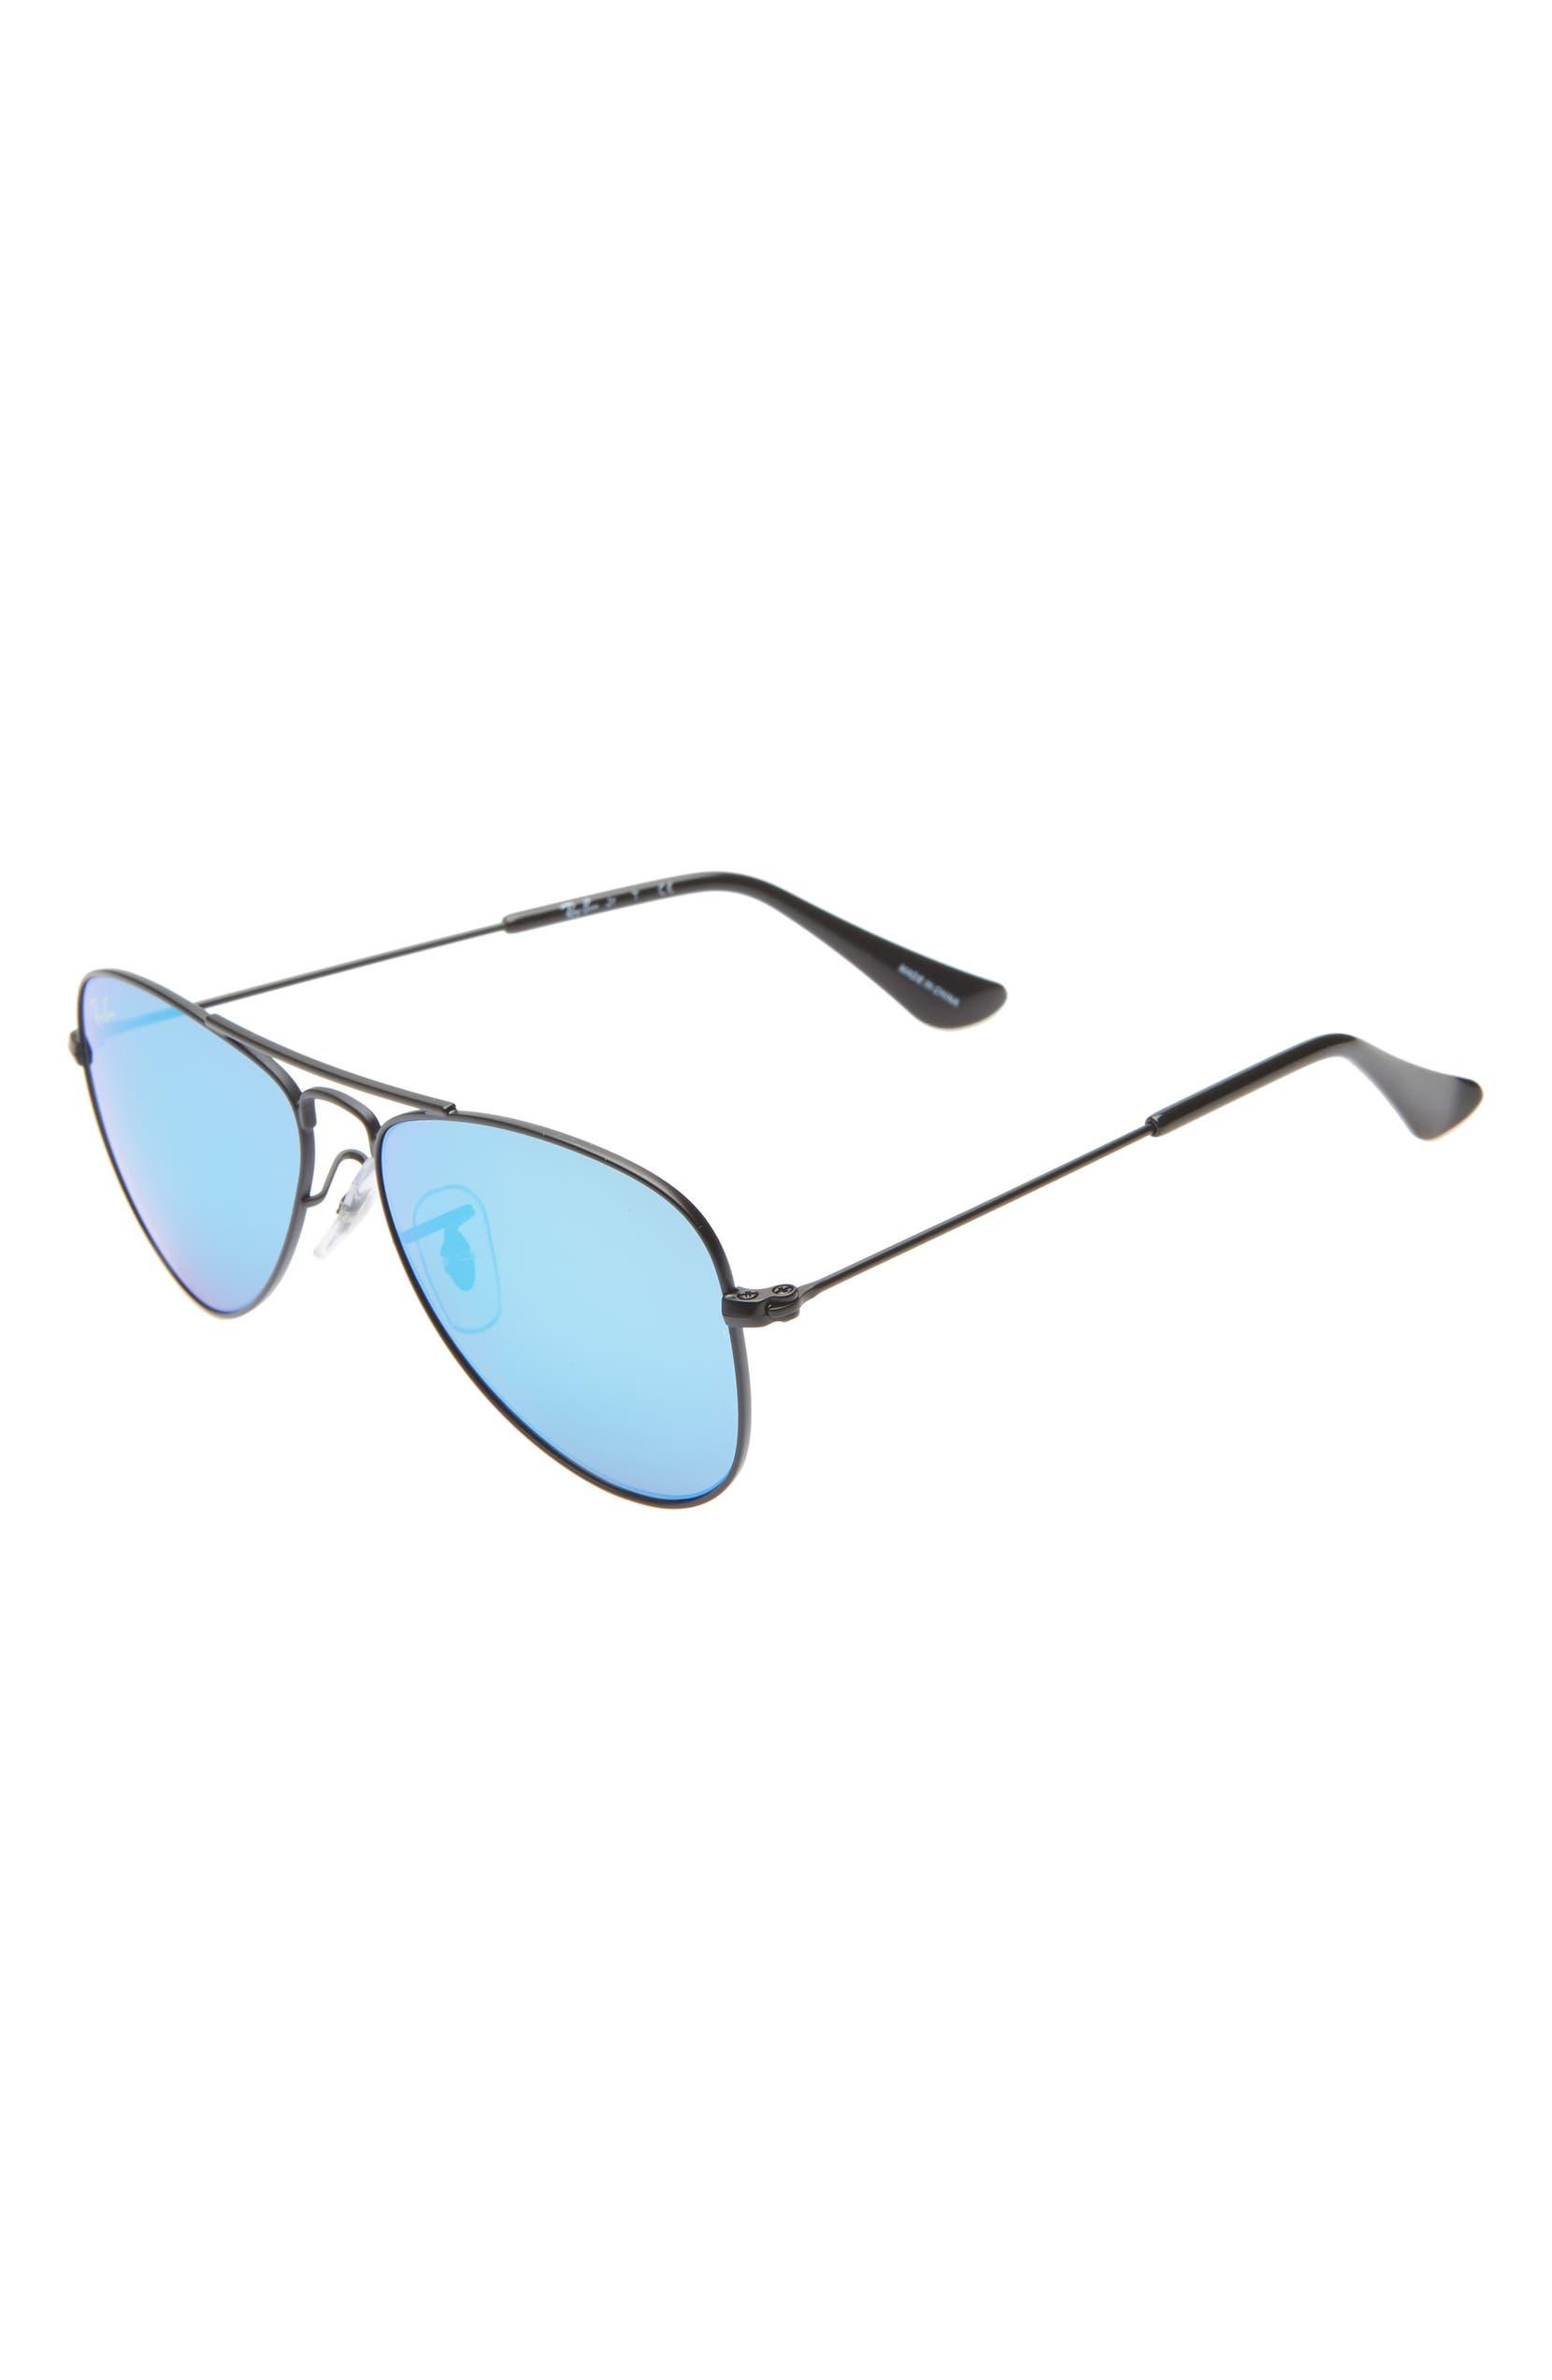 46df8721d2 Ray-Ban Junior 50mm Mirrored Aviator Sunglasses (Kids)